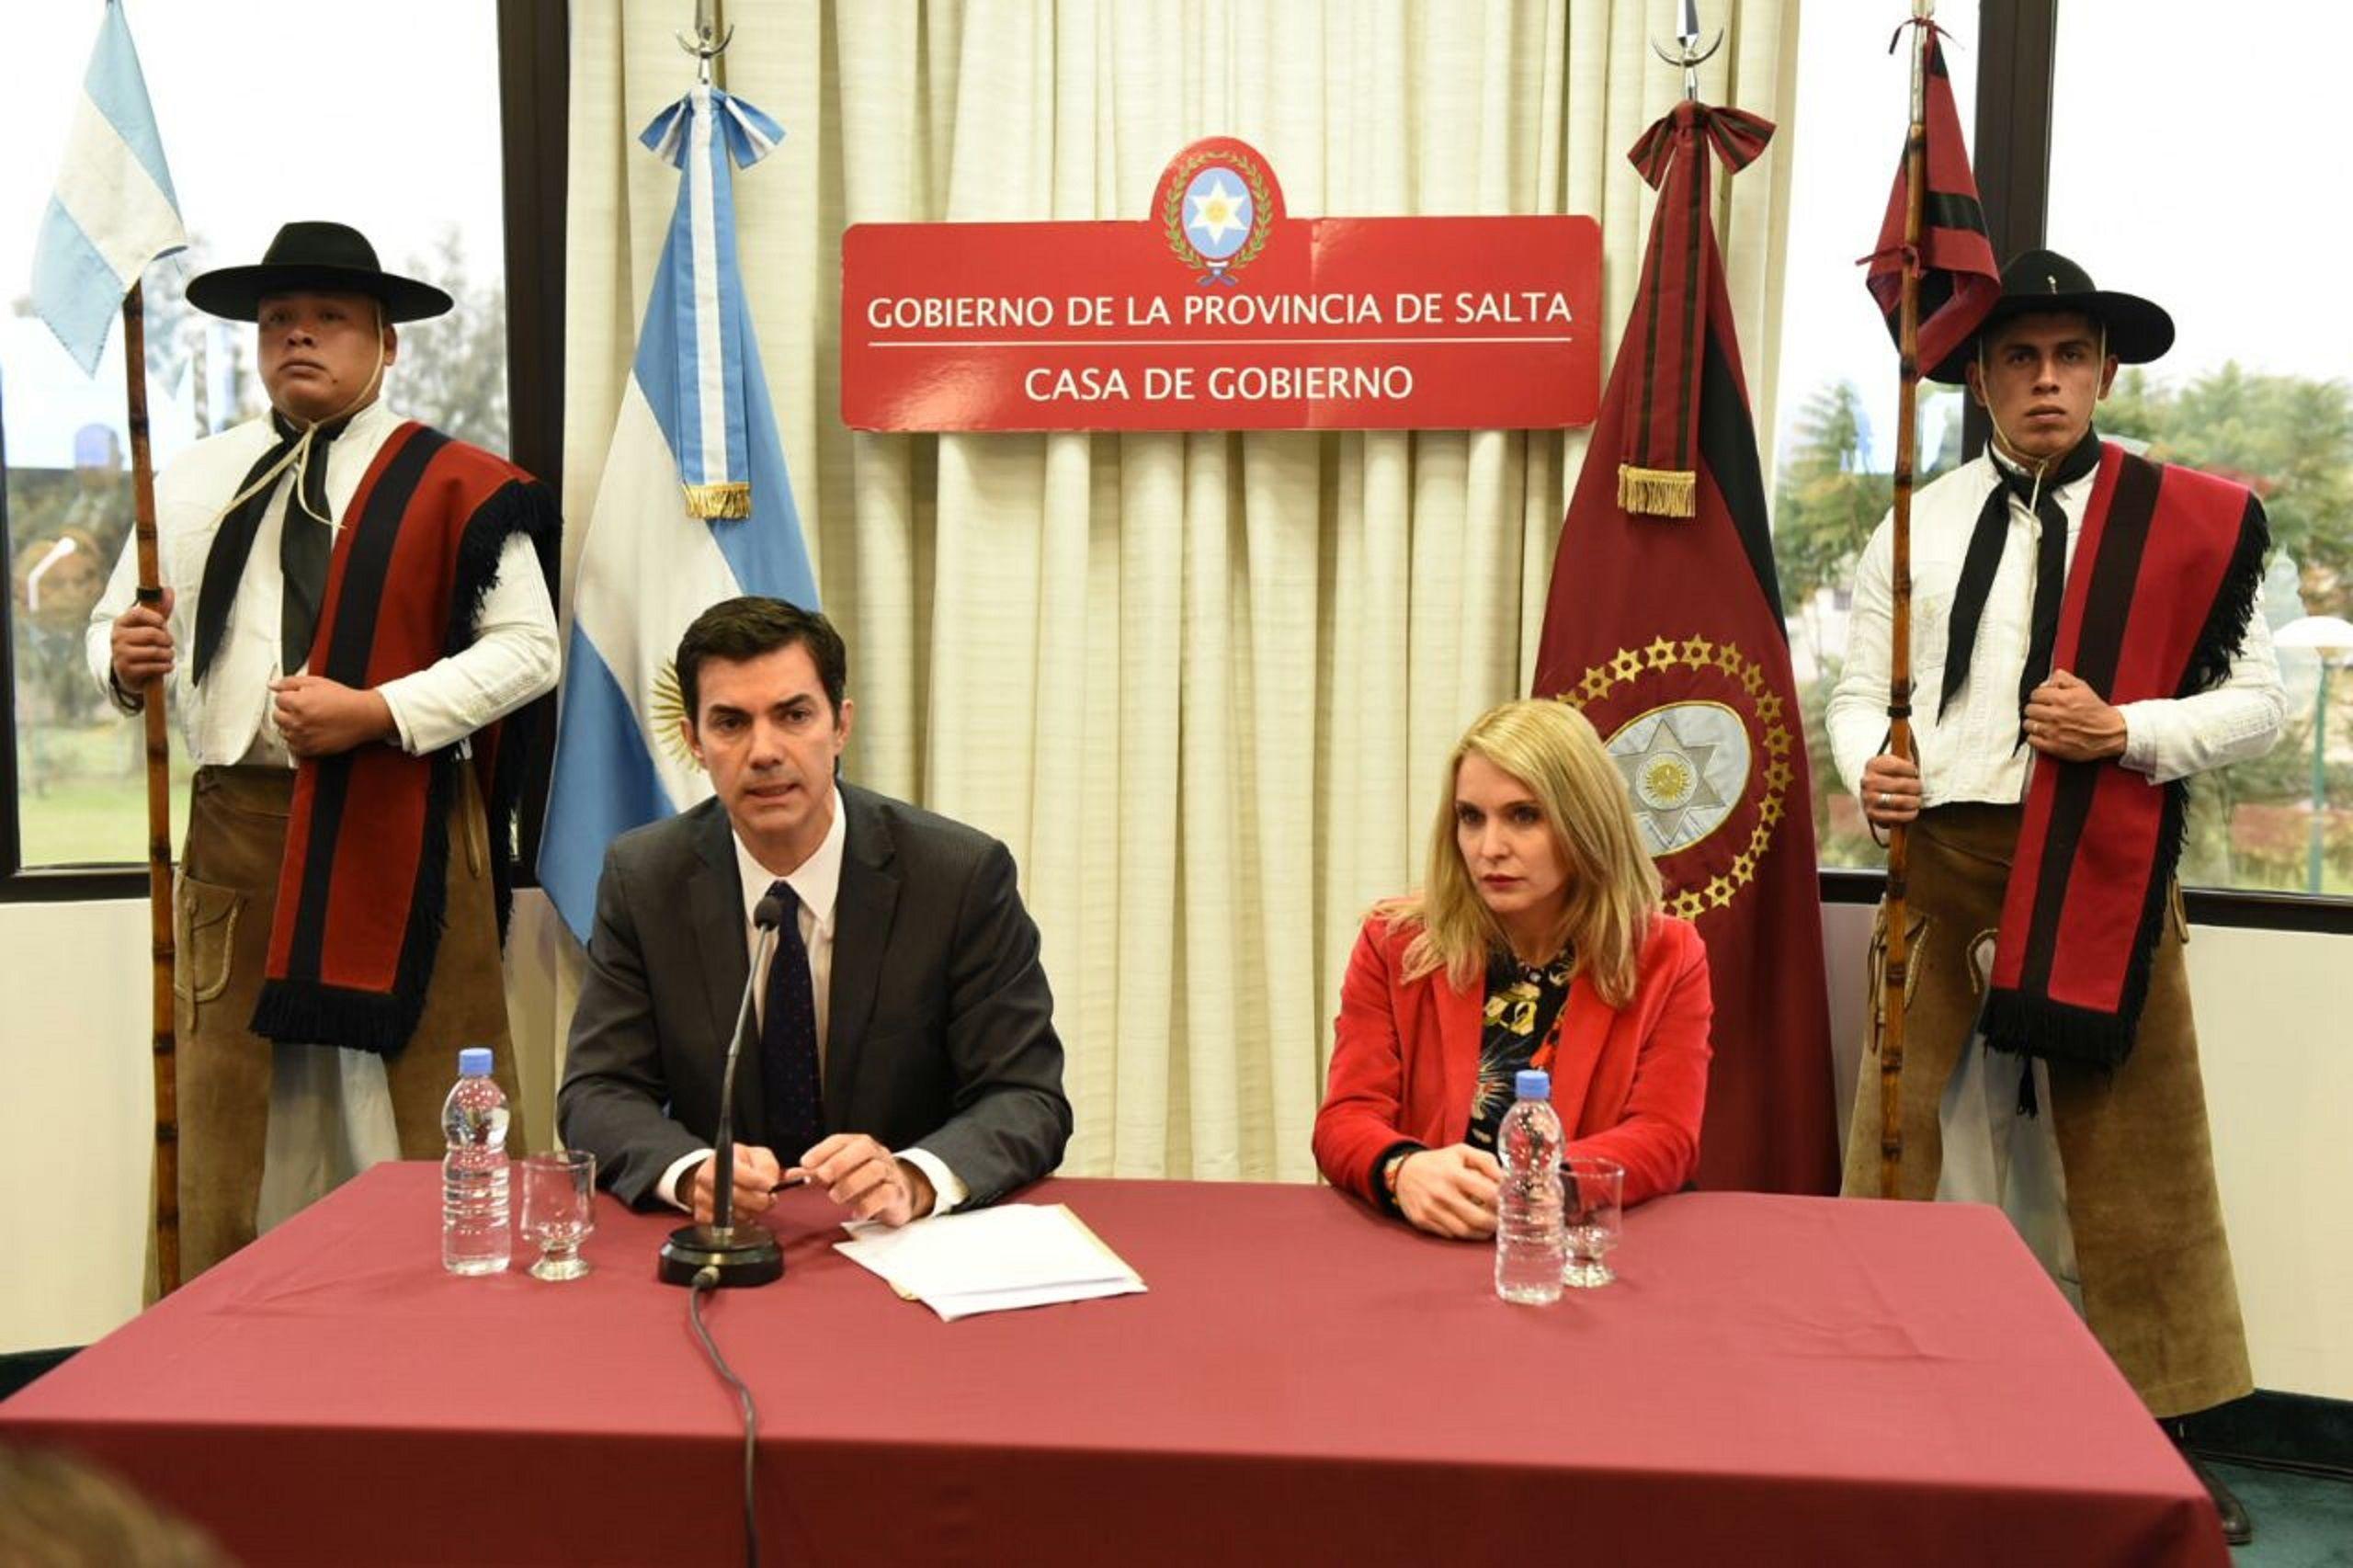 Salta se convirtió en la provincia con mayor superficie de áreas protegidas en Argentina